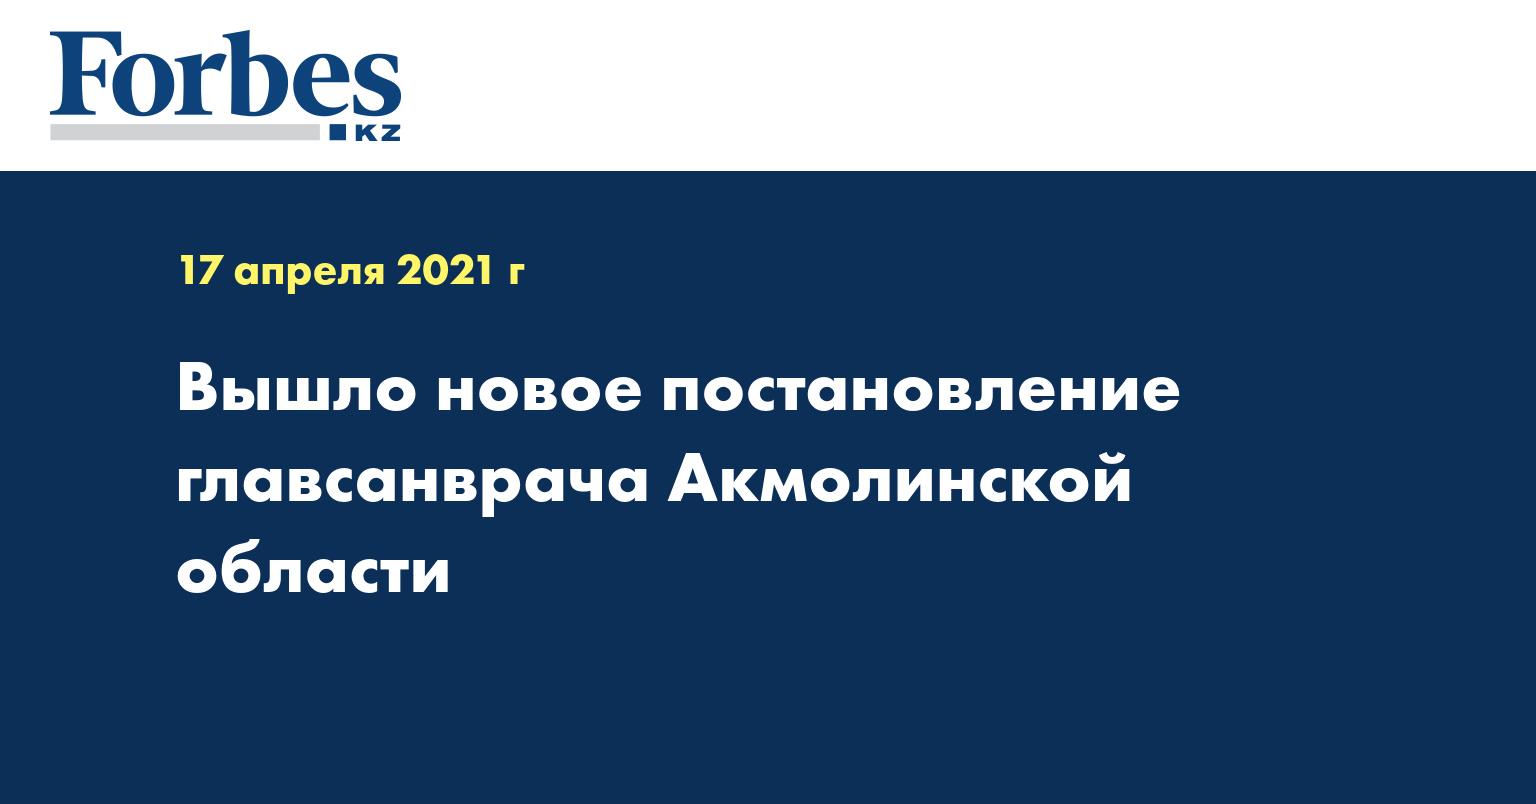 Вышло новое постановление главсанврача Акмолинской области